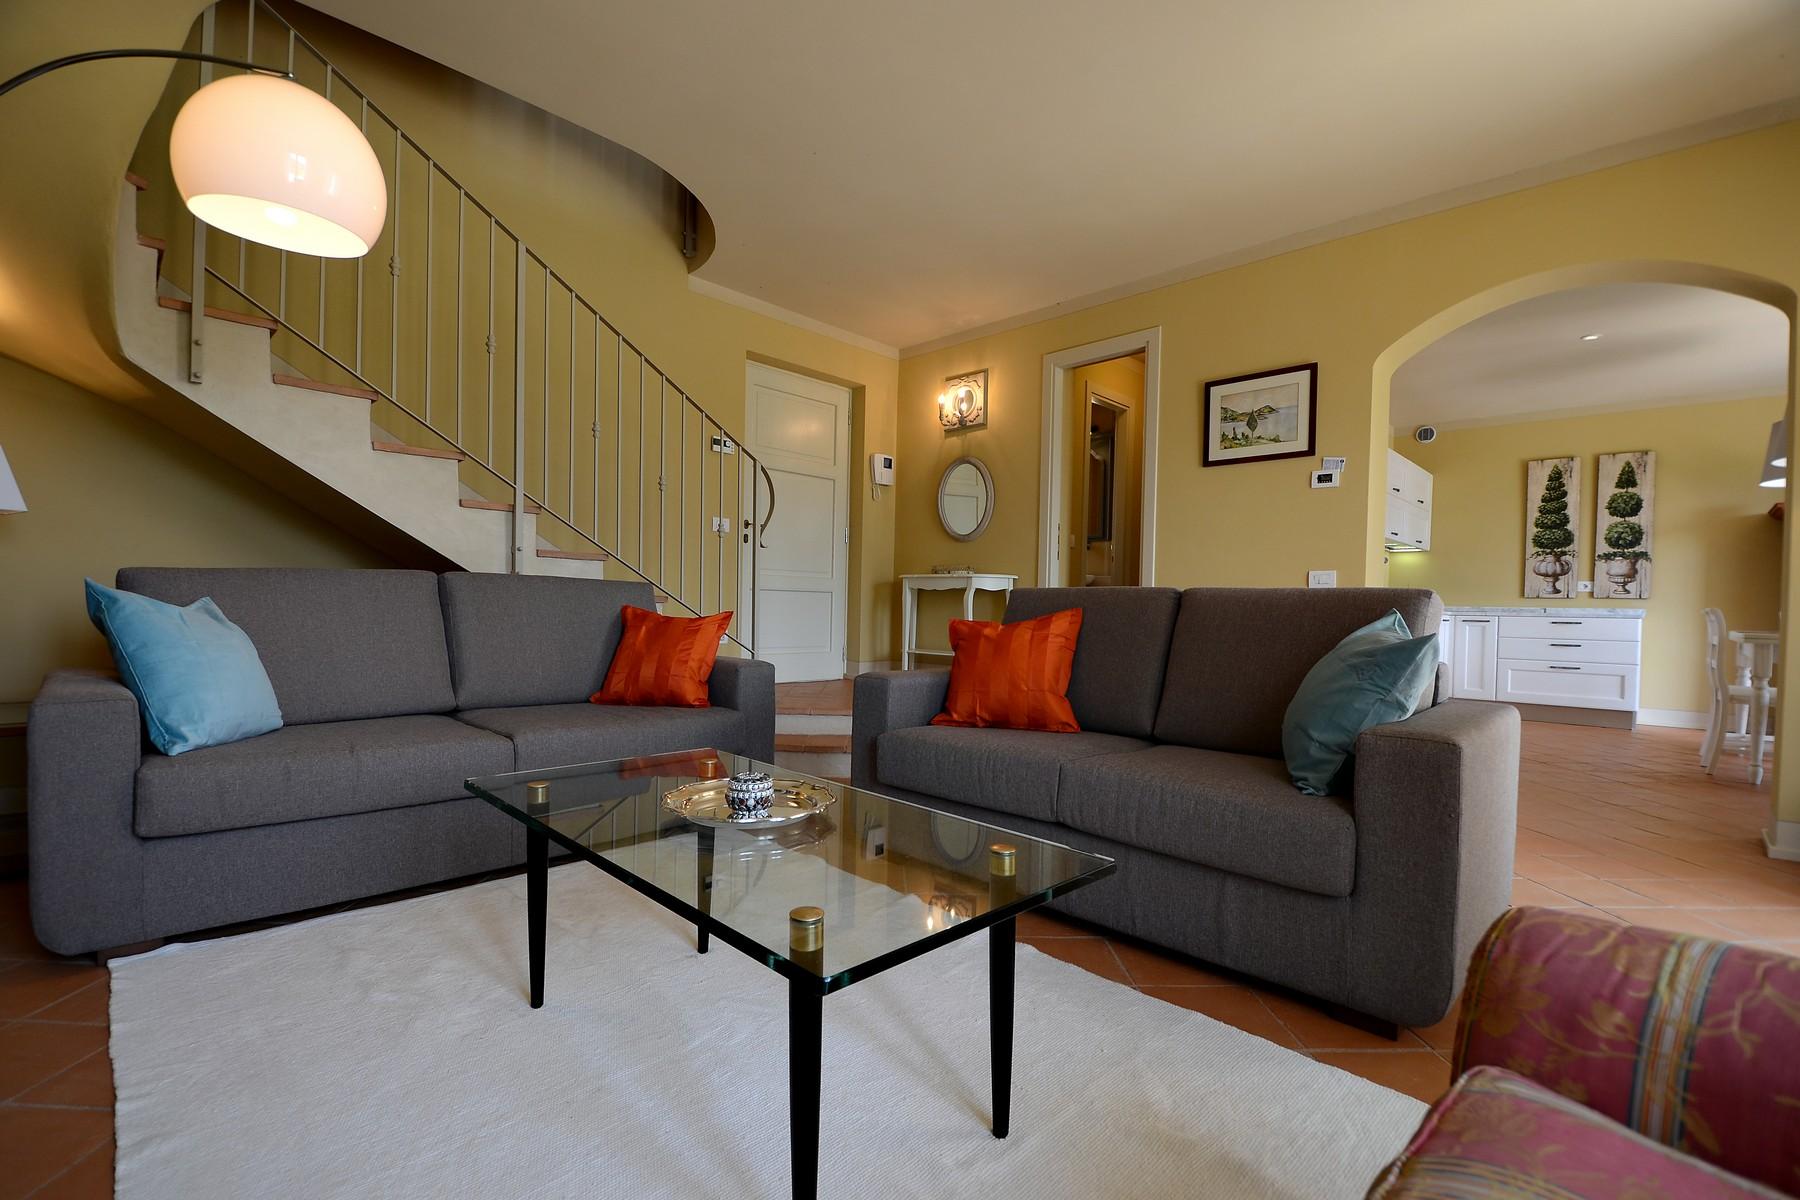 Appartamento in Vendita a Gavorrano: 4 locali, 188 mq - Foto 6